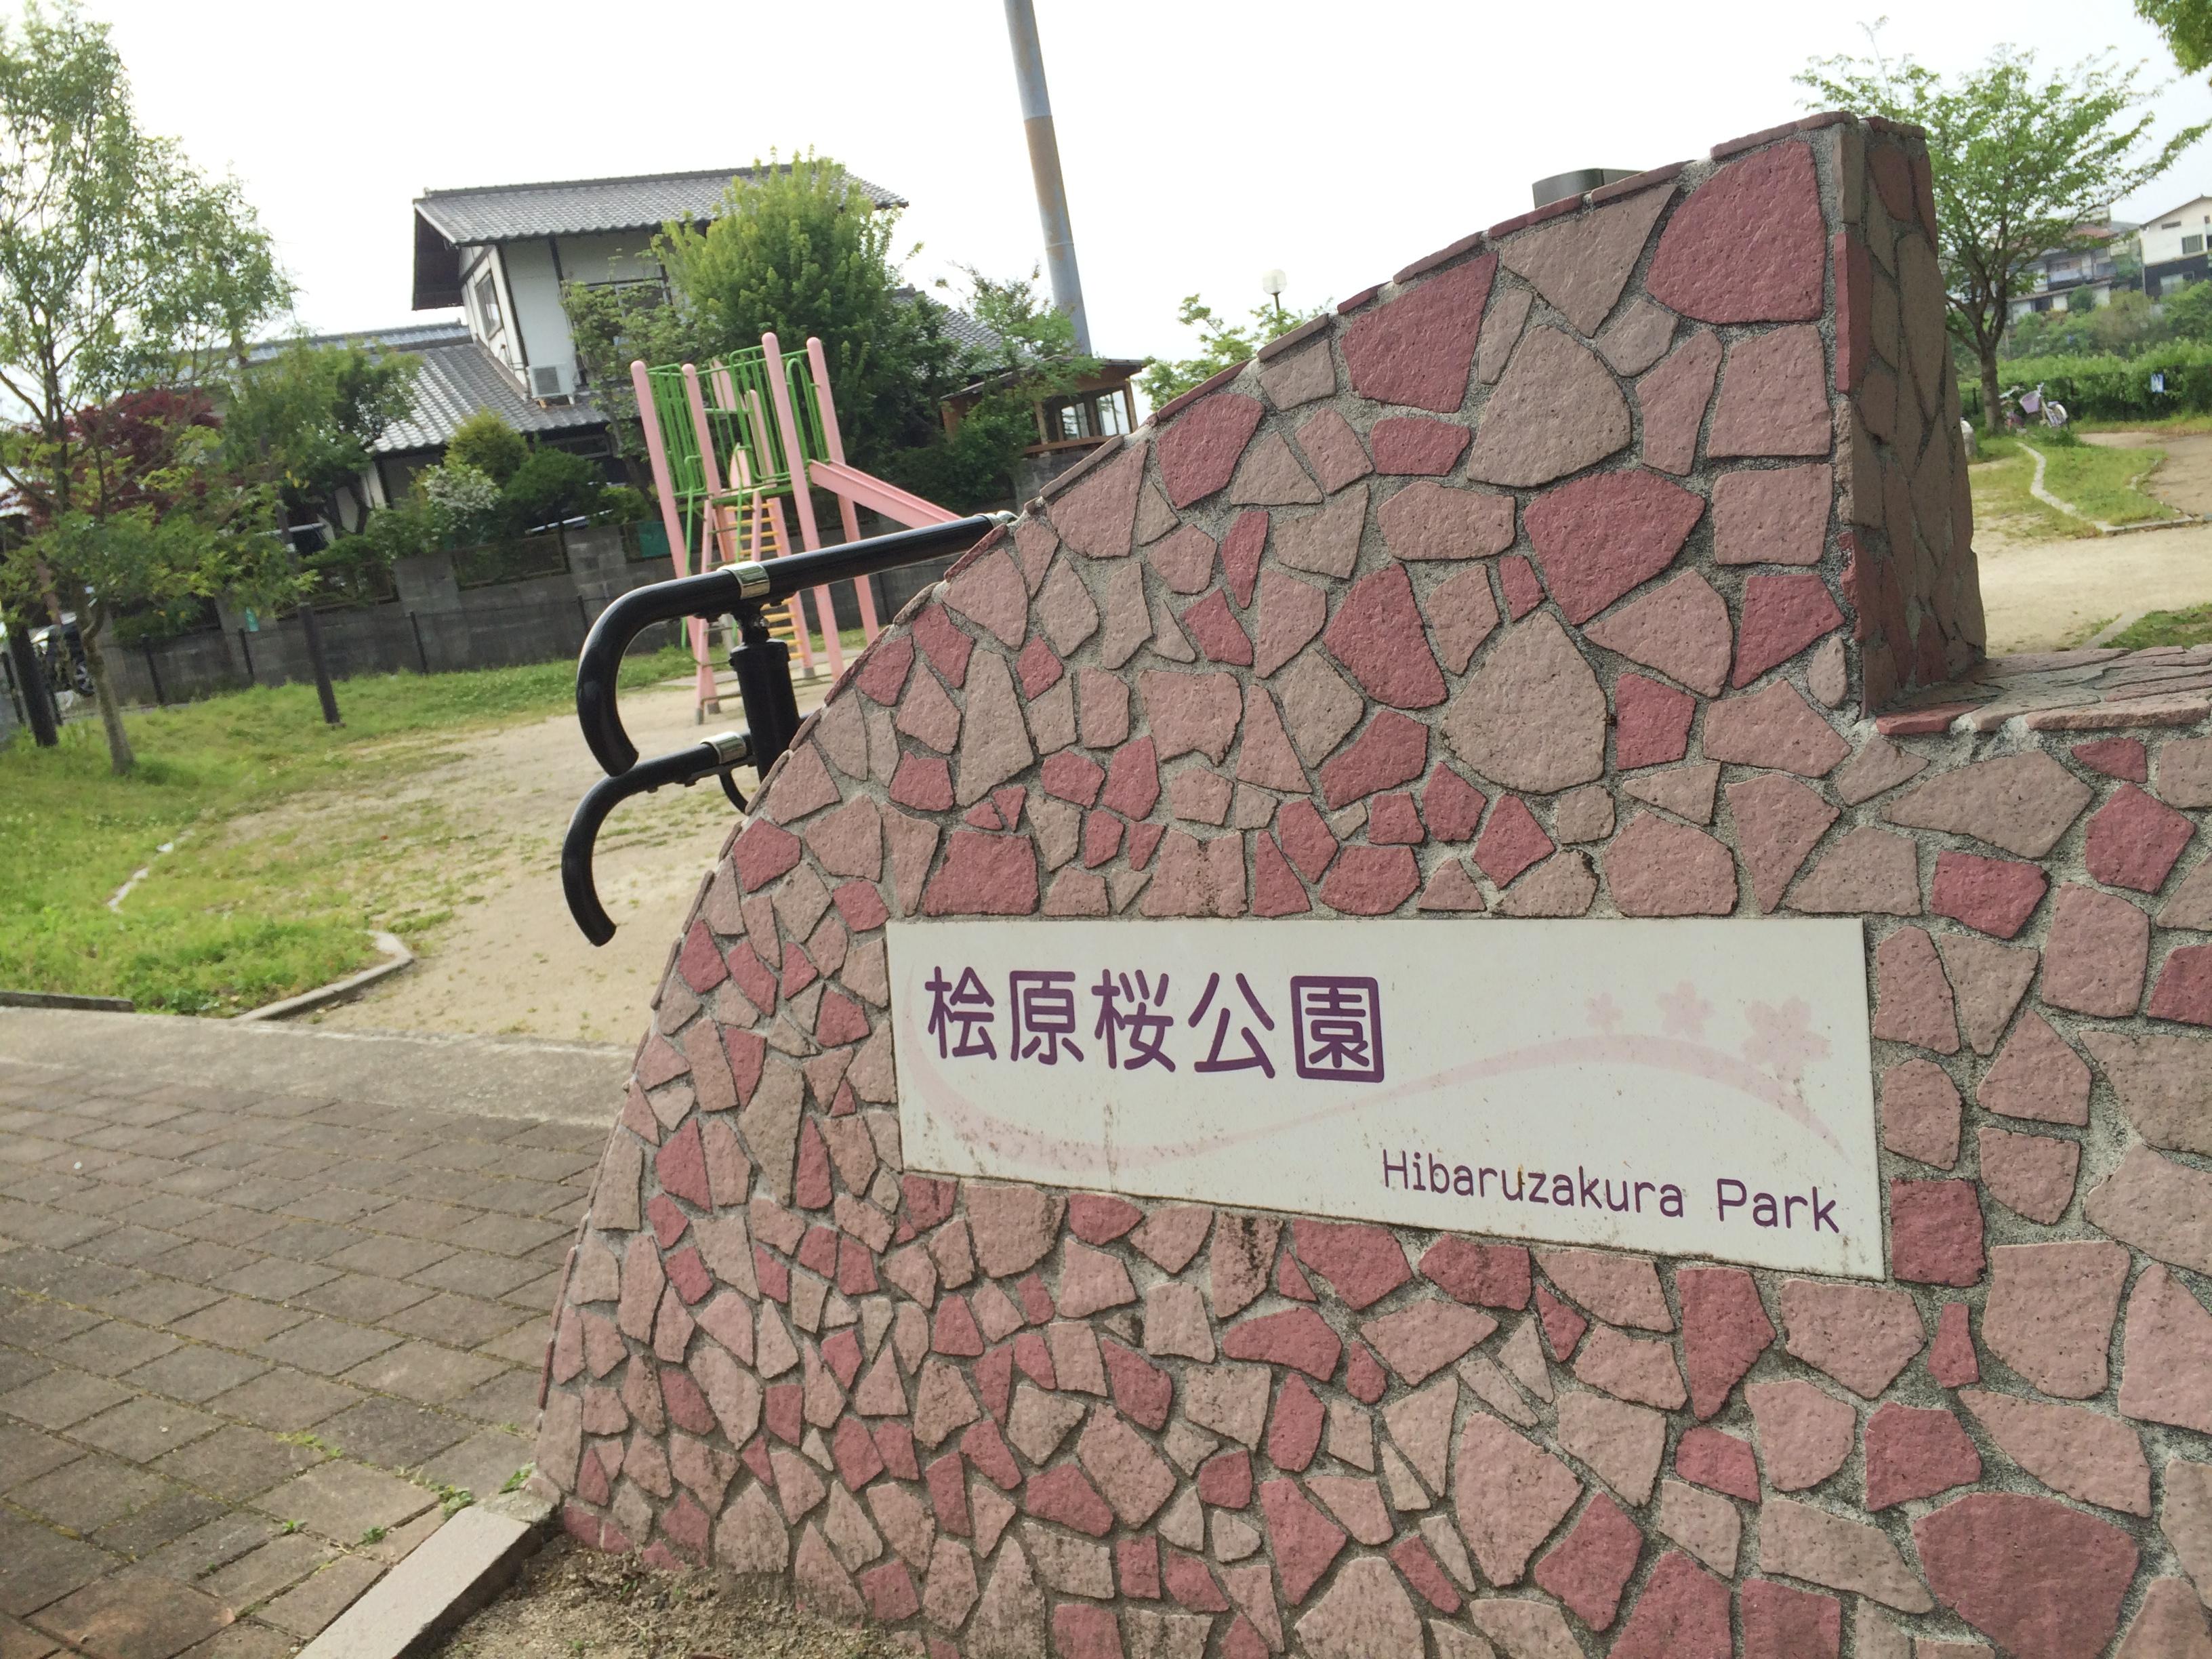 福岡,桧原桜,桧原,桜,福岡市,